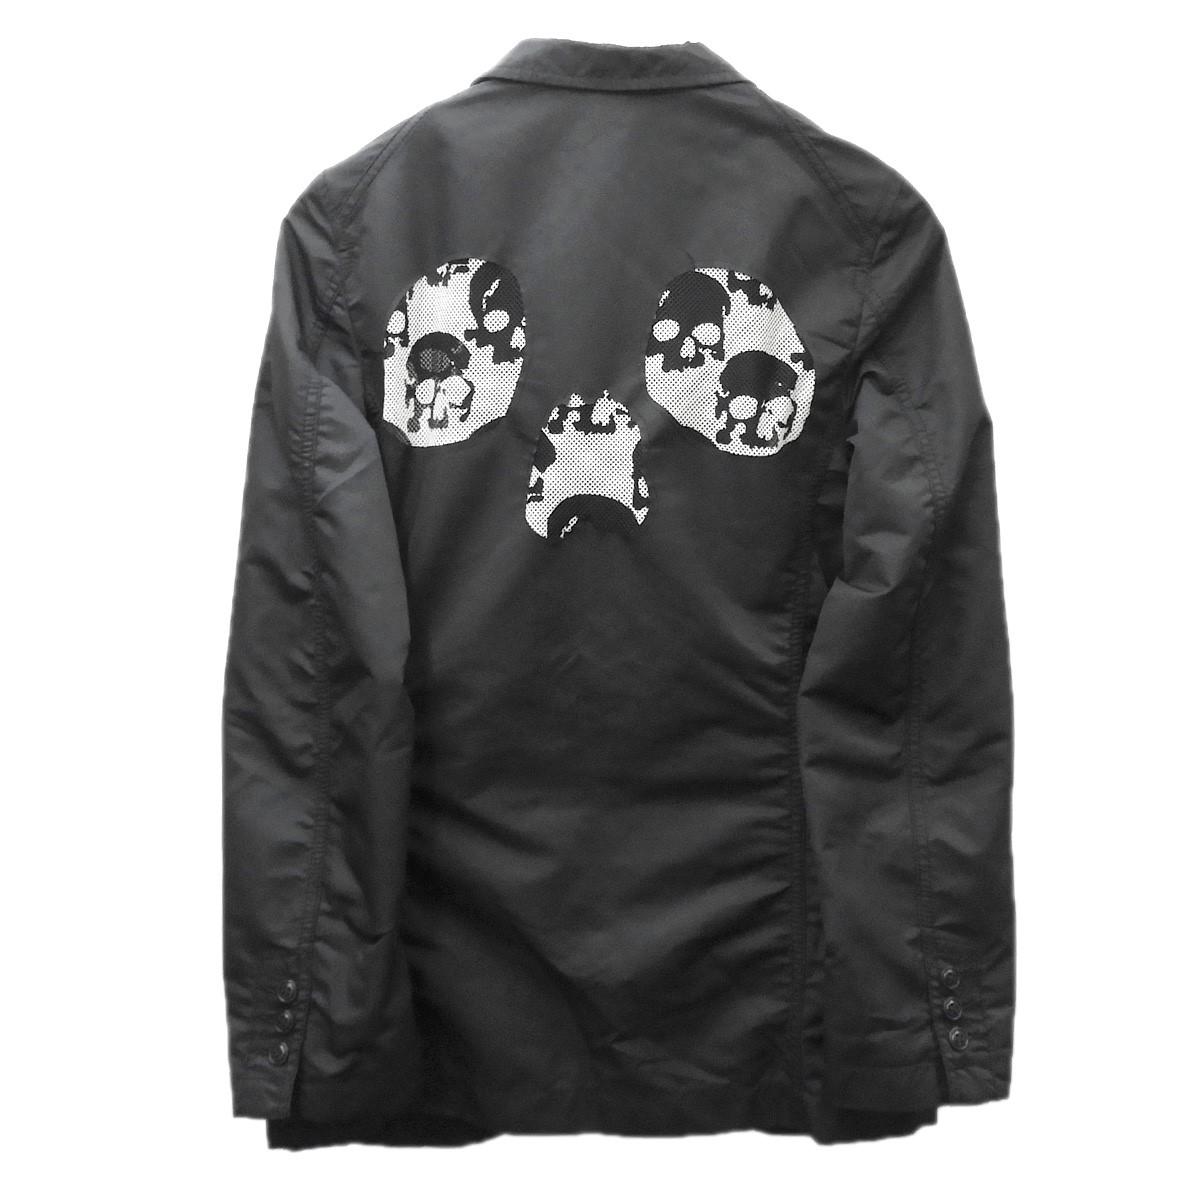 【中古】COMME des GARCONS HOMME PLUS 2011SS the Skull of Life期 スカルメッシュテーラードジャケット ブラック サイズ:XS 【190720】(コムデギャルソンオムプリュス)